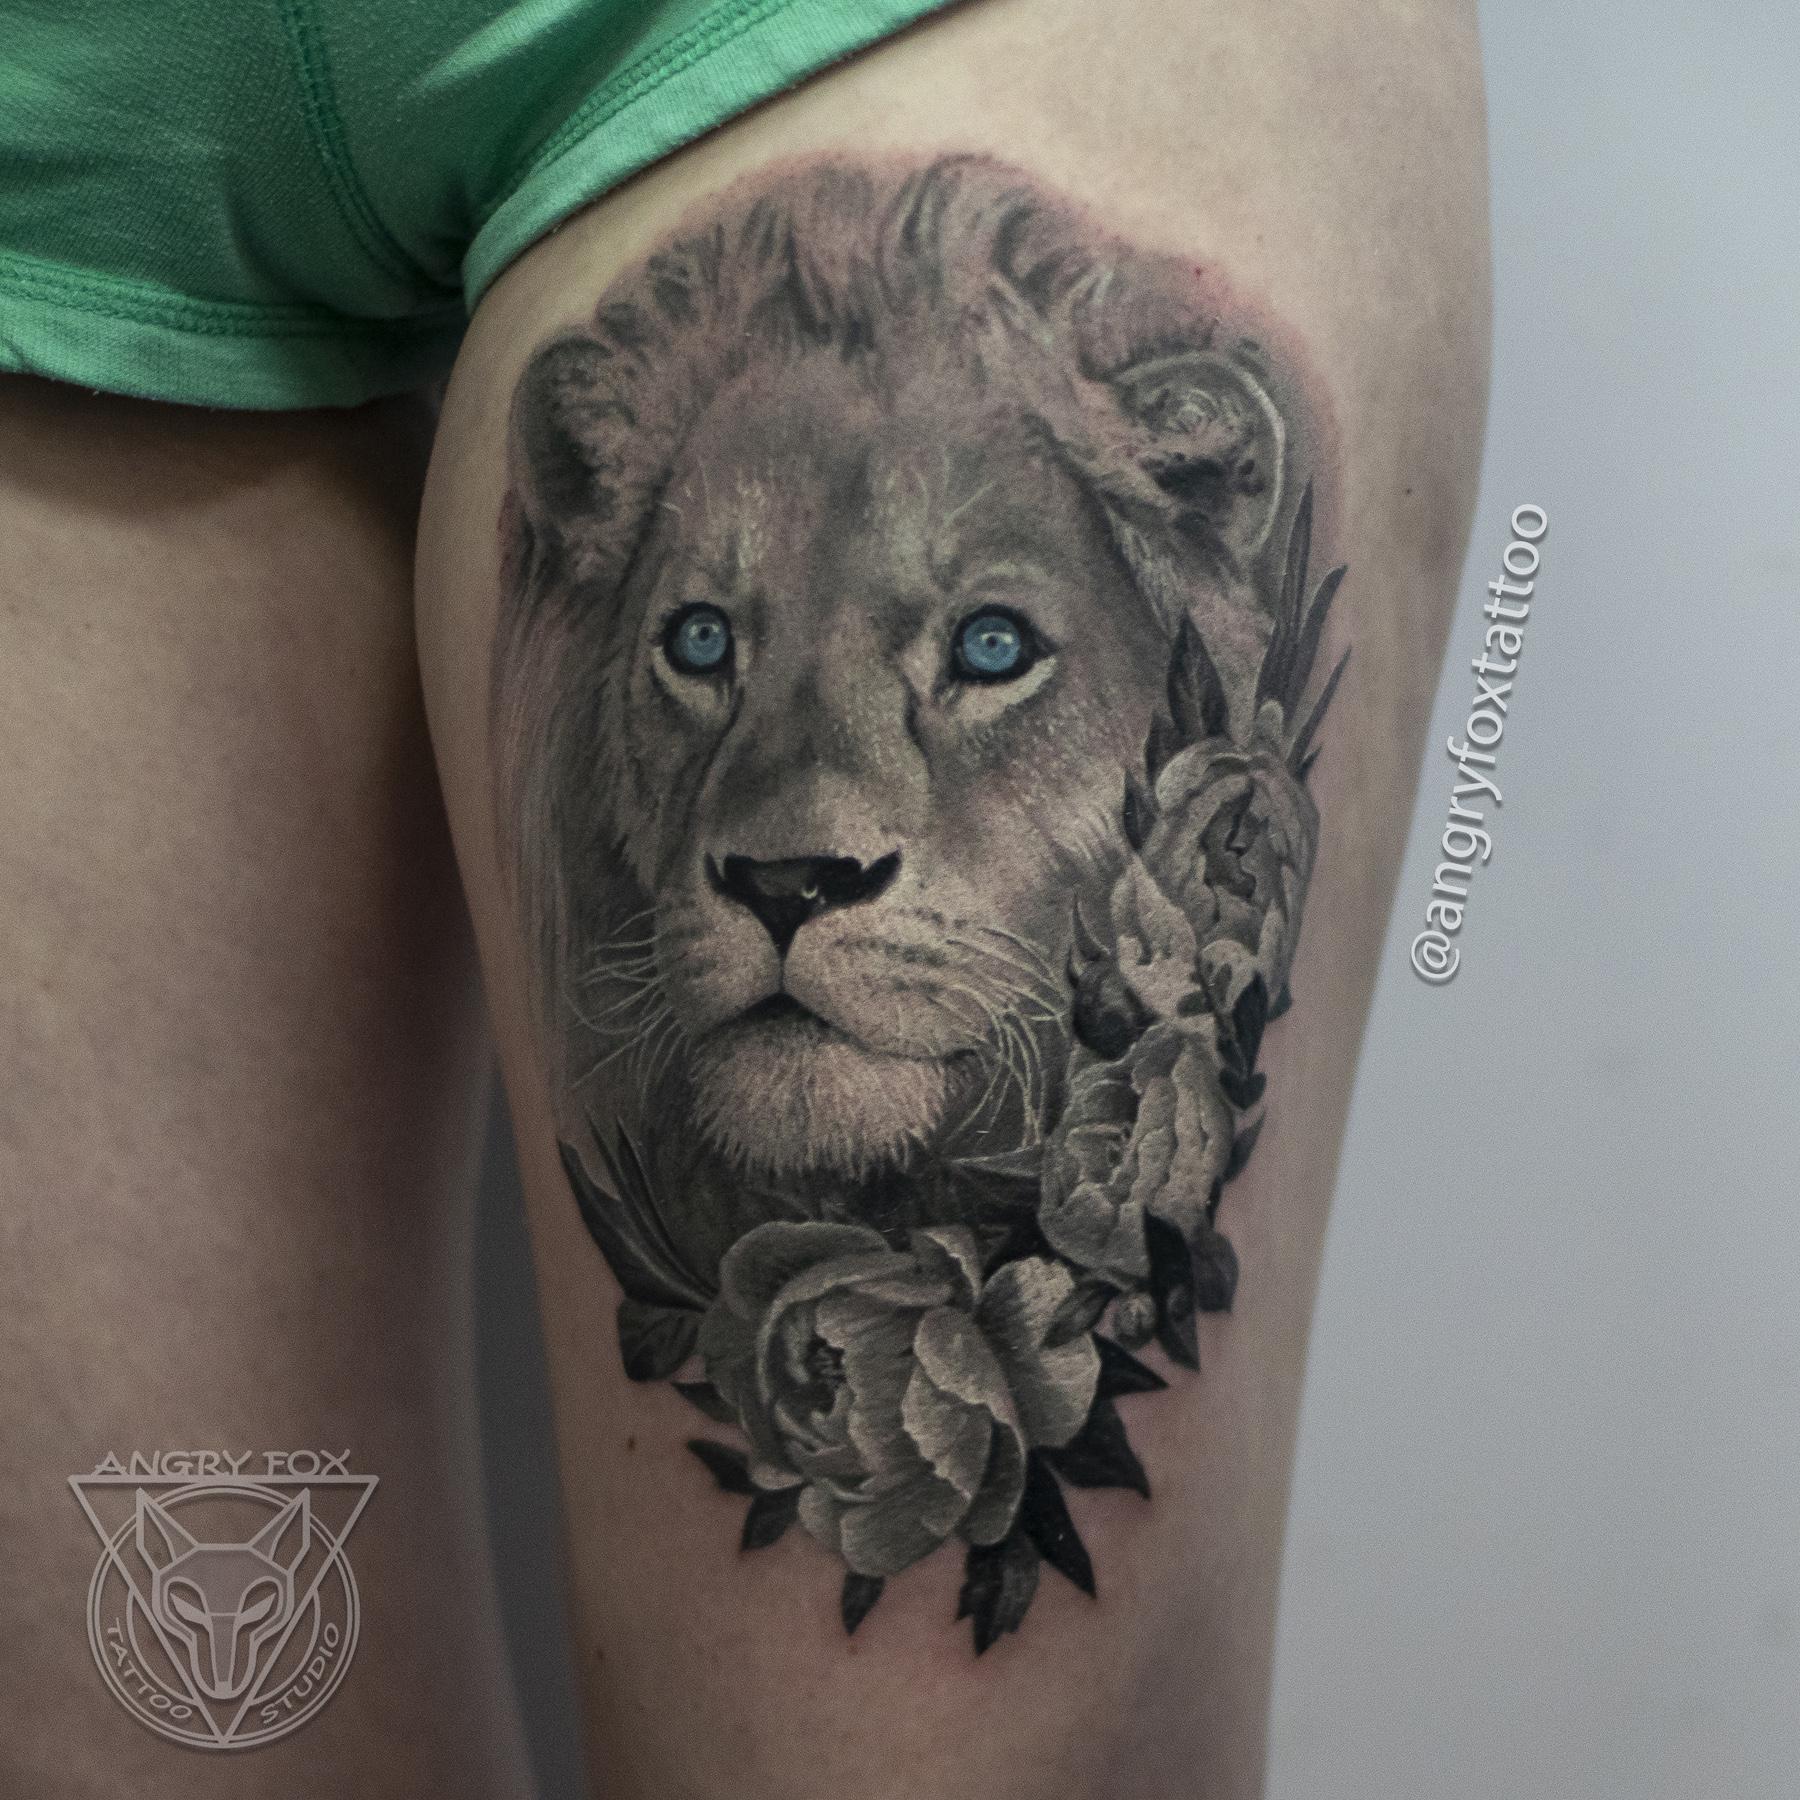 Татуировка, тату, девушка, нога, бедро, лев, цветы, пионы, голова, грива, глаза, реализм